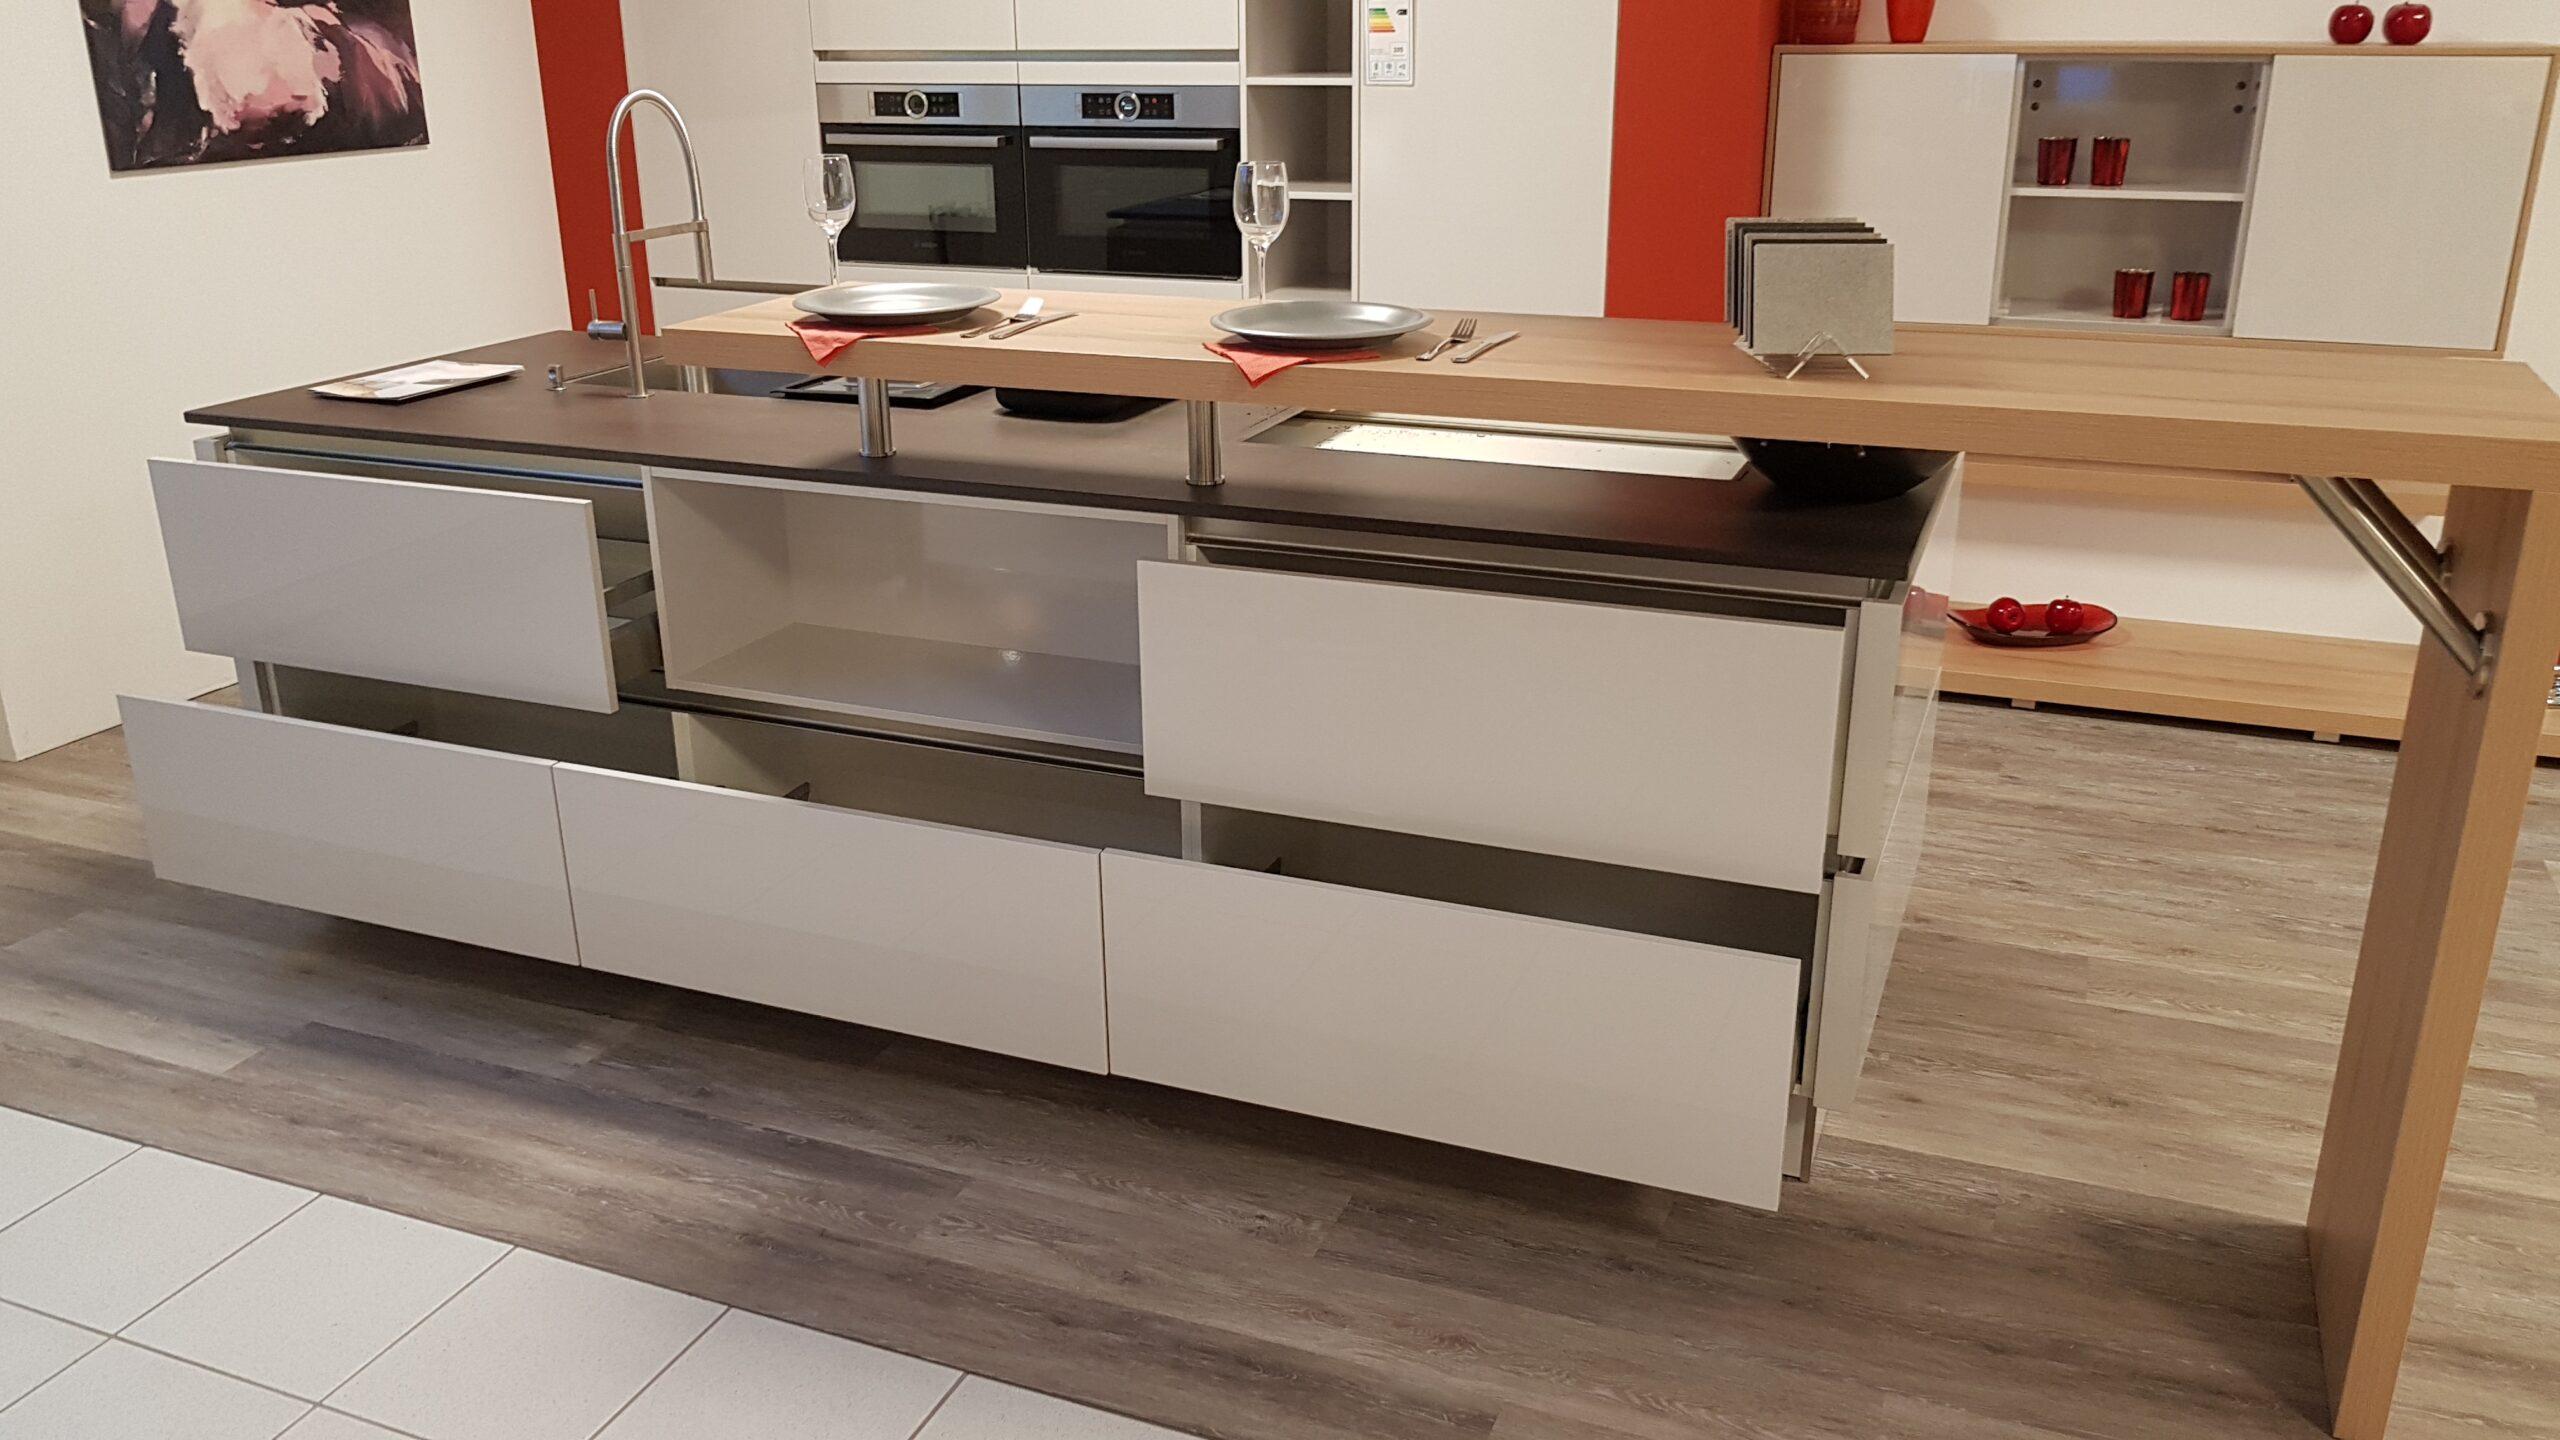 Full Size of Hcker Laser Brillant Satin Müllsystem Küche Wohnzimmer Häcker Müllsystem